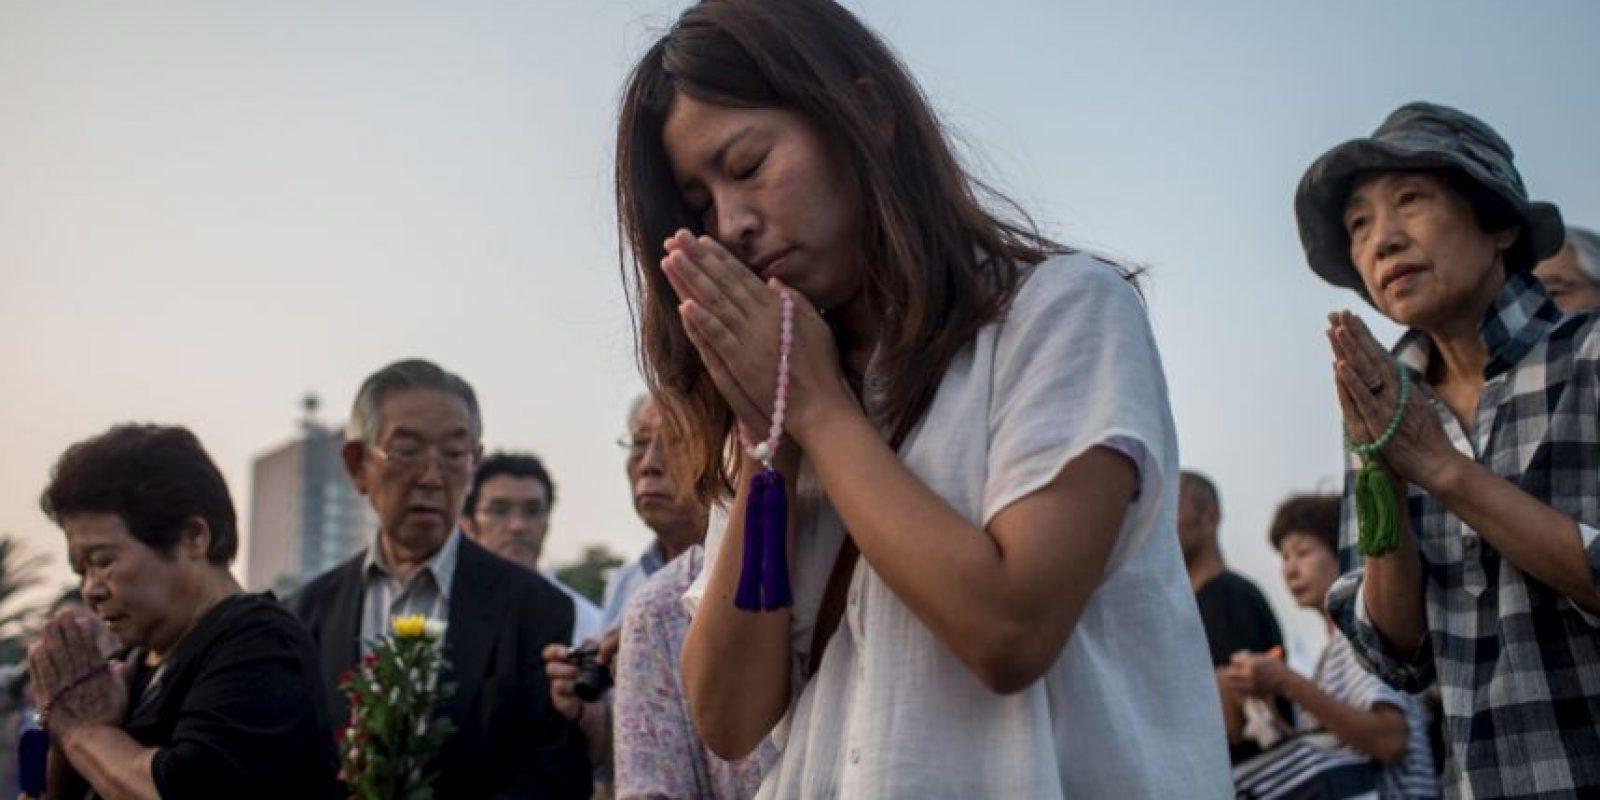 Se situa a 150 metros del epicentro de la explosión Foto:Getty Images